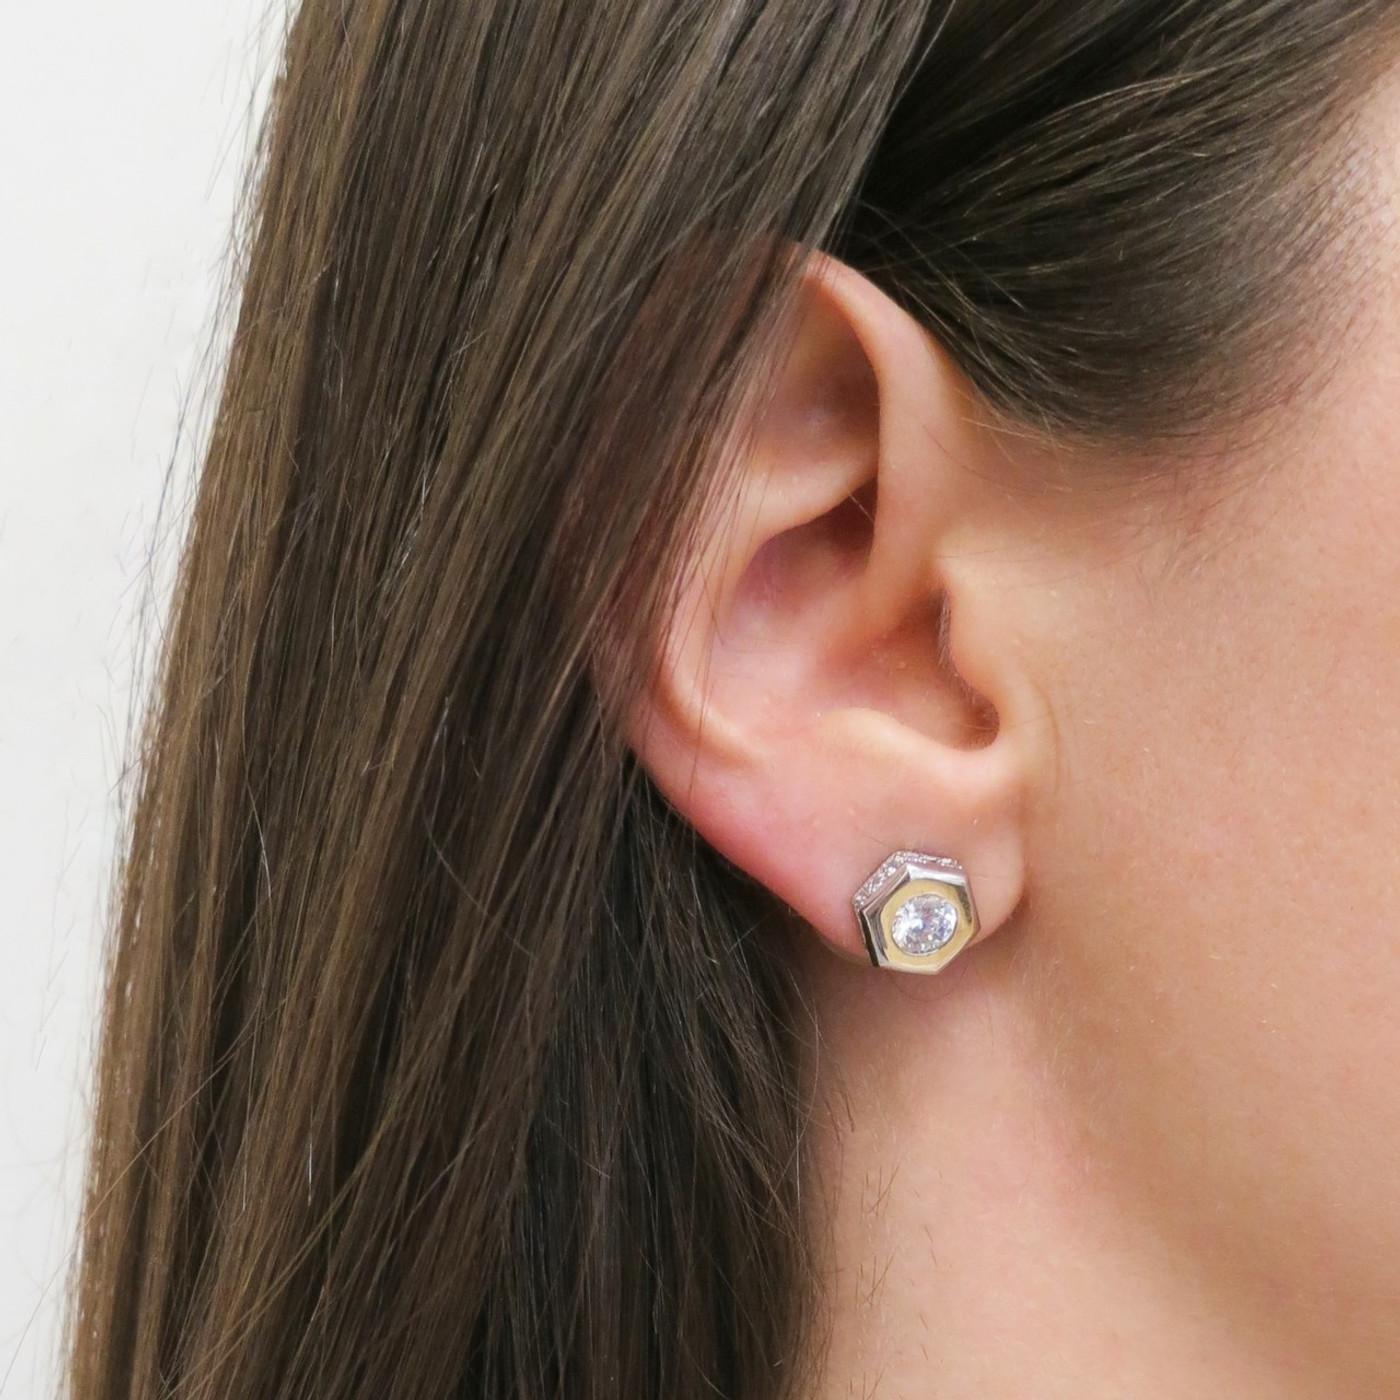 The Nut Stud Earring